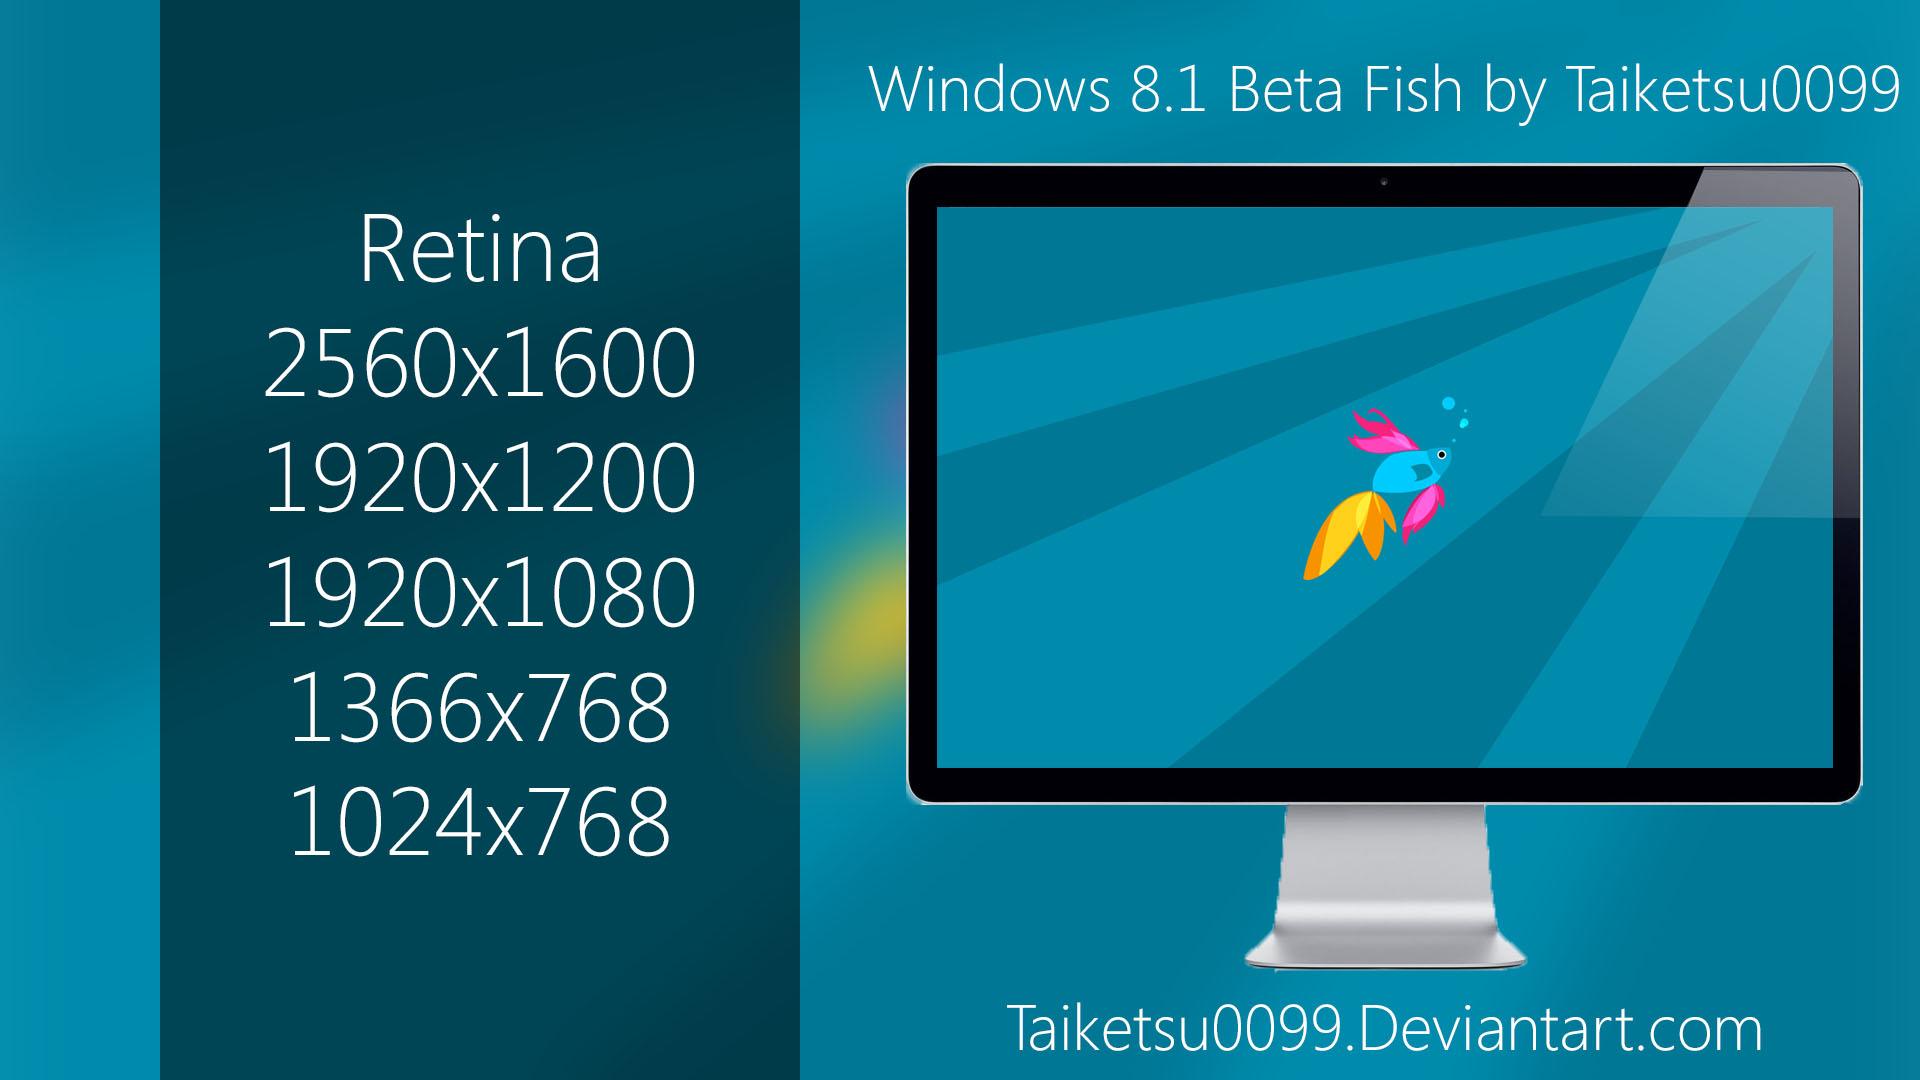 Windows 8.1 Beta Fish by Taiketsu0099 by Taiketsu0099